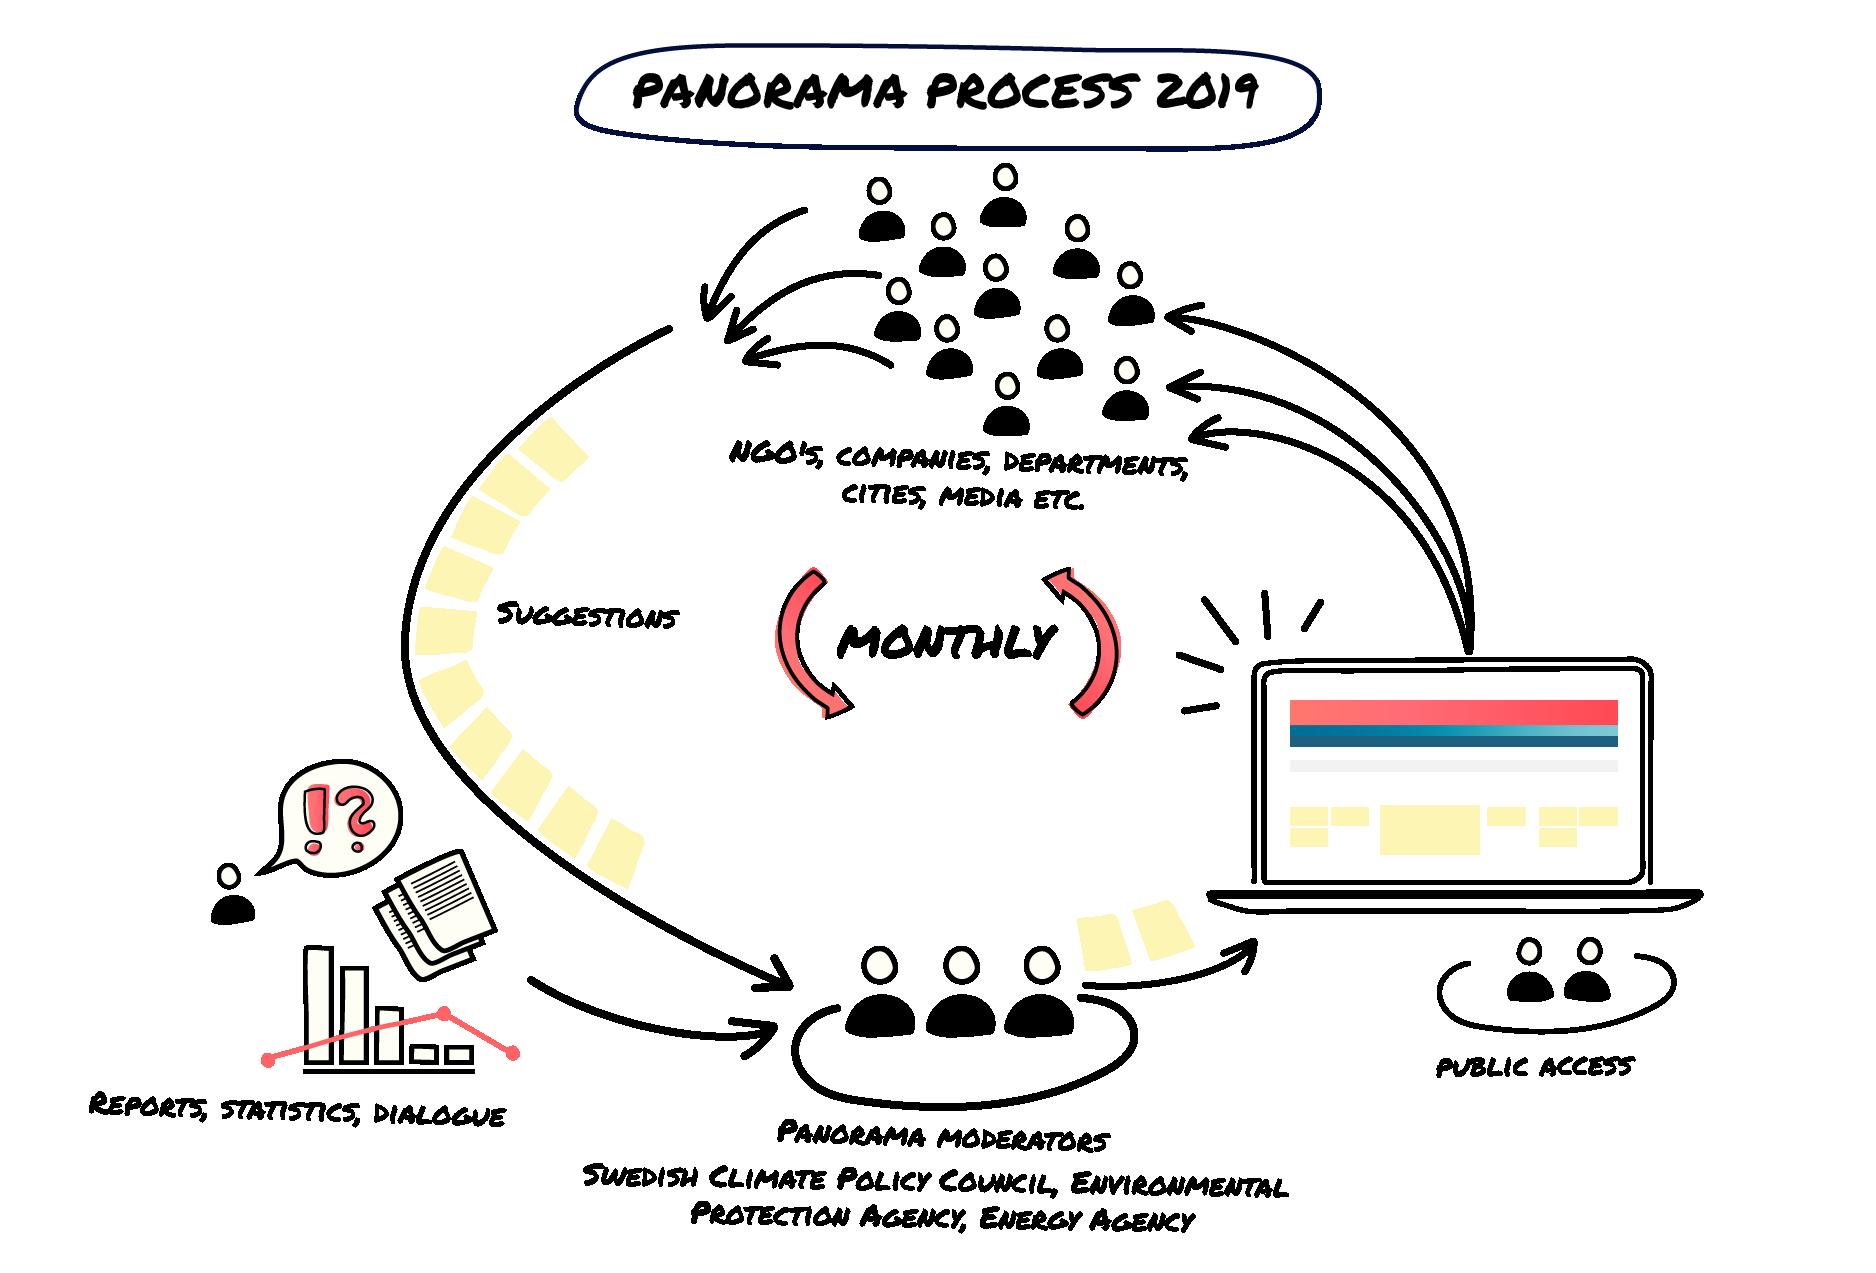 Panorama Process 2019